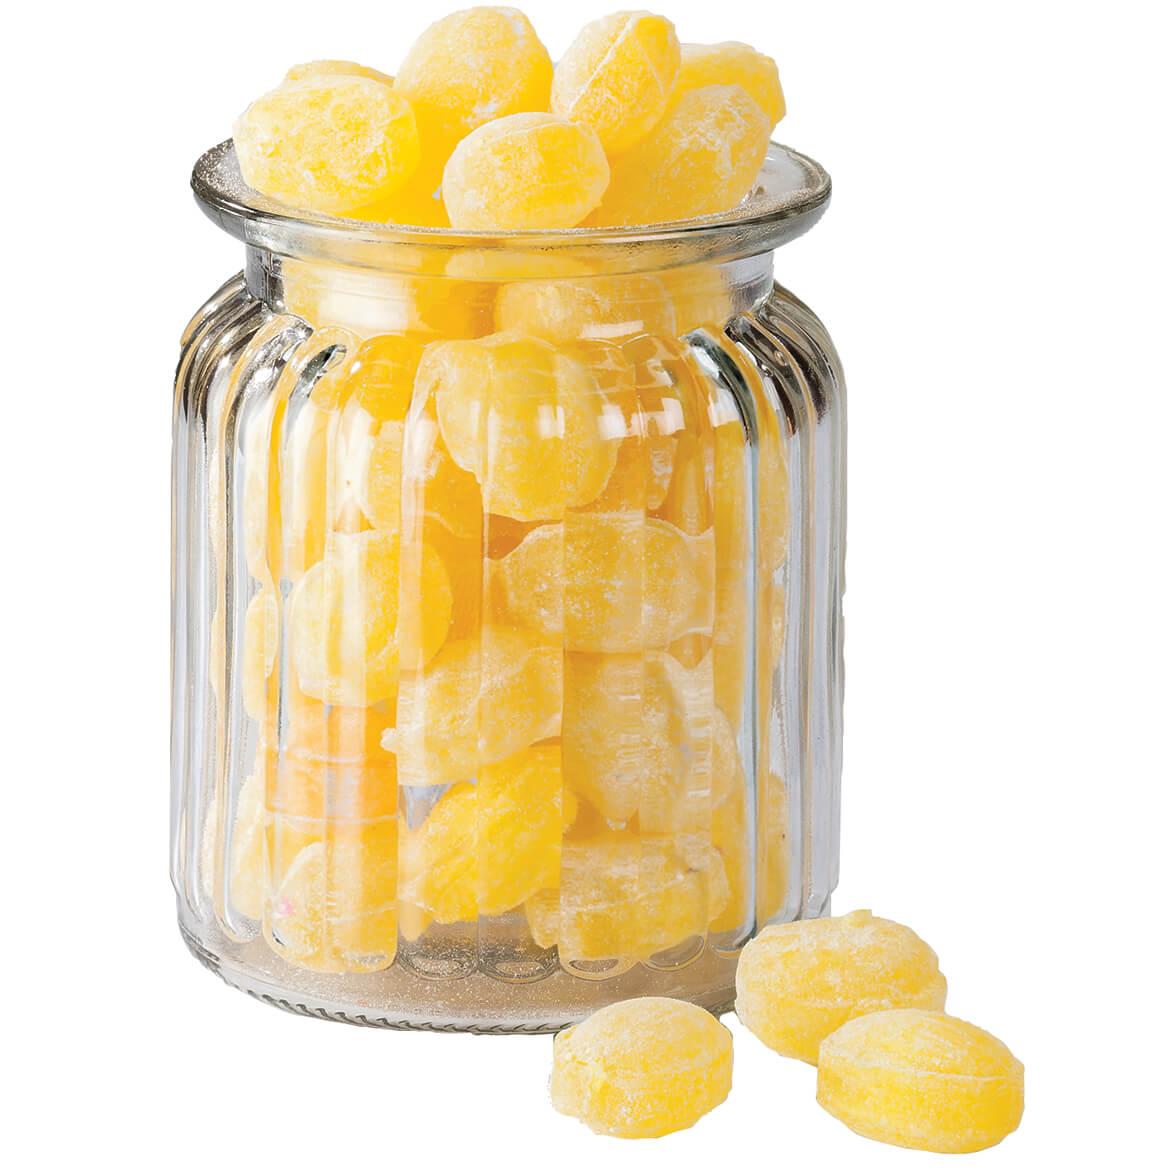 Lemon Sanded Candy, 6 oz.-368927